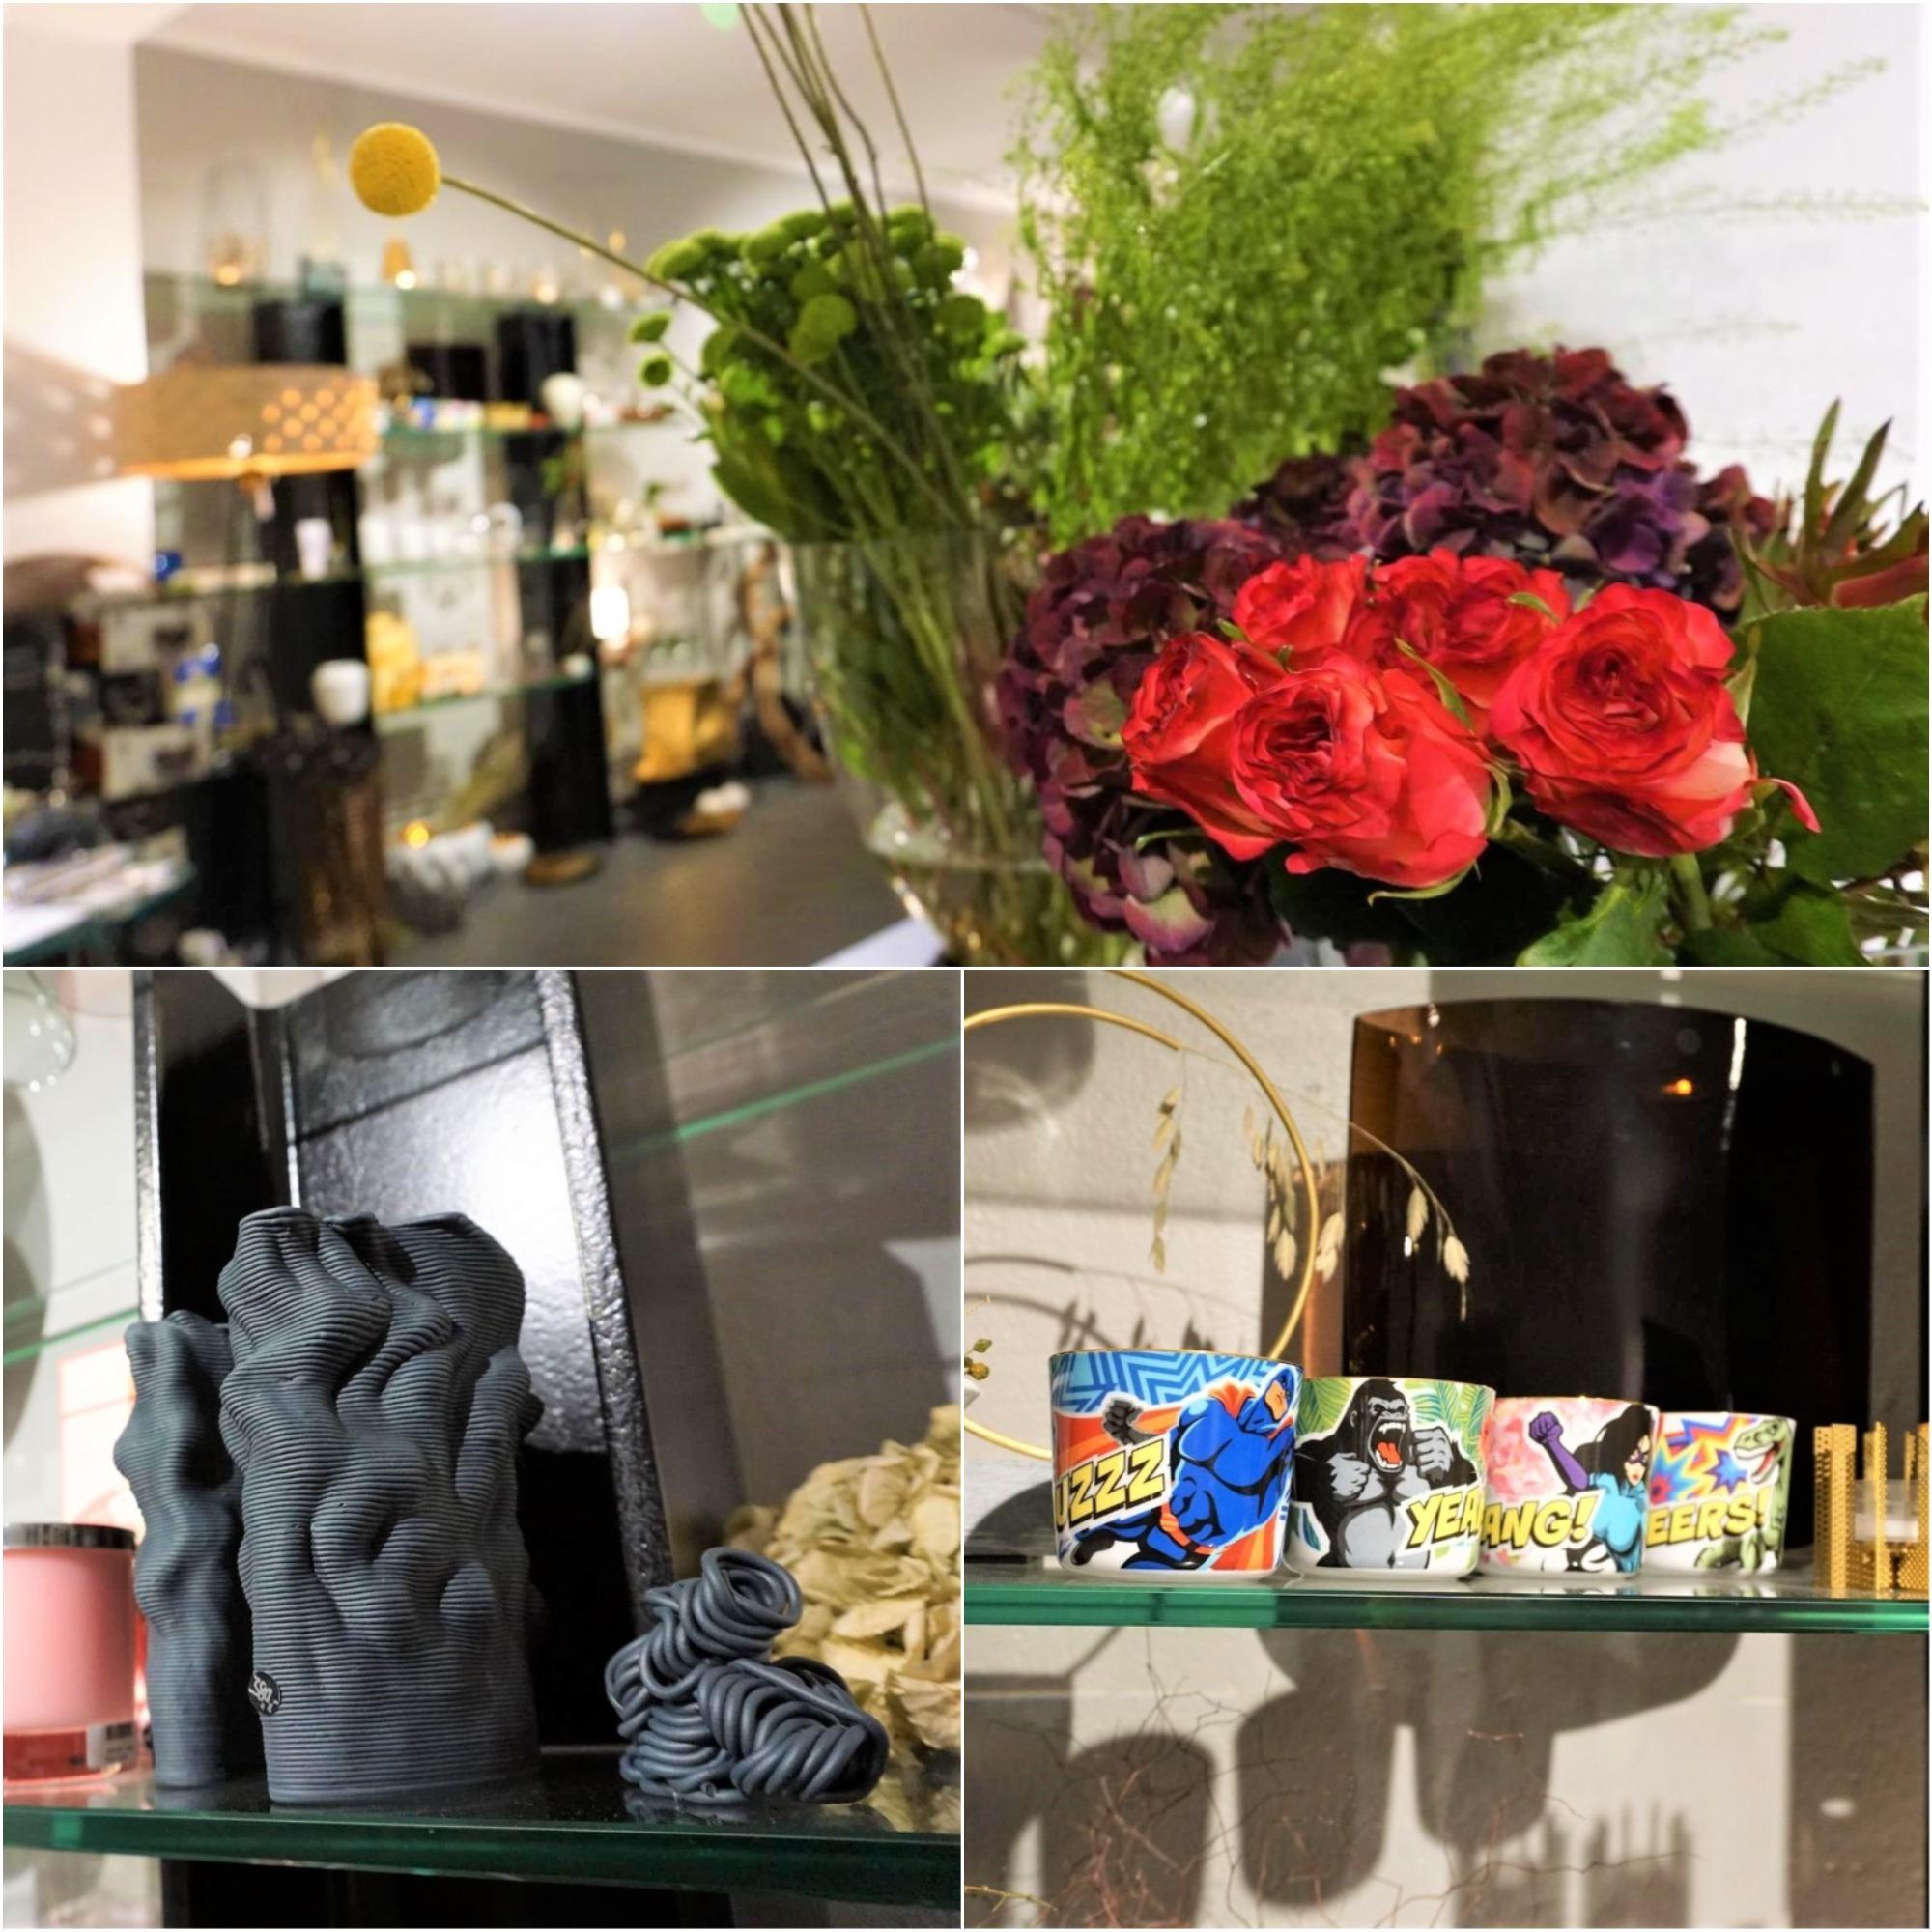 Style Hannover Gloriosus Collage - Gloriosus - Deko und Geschenke edel & süß